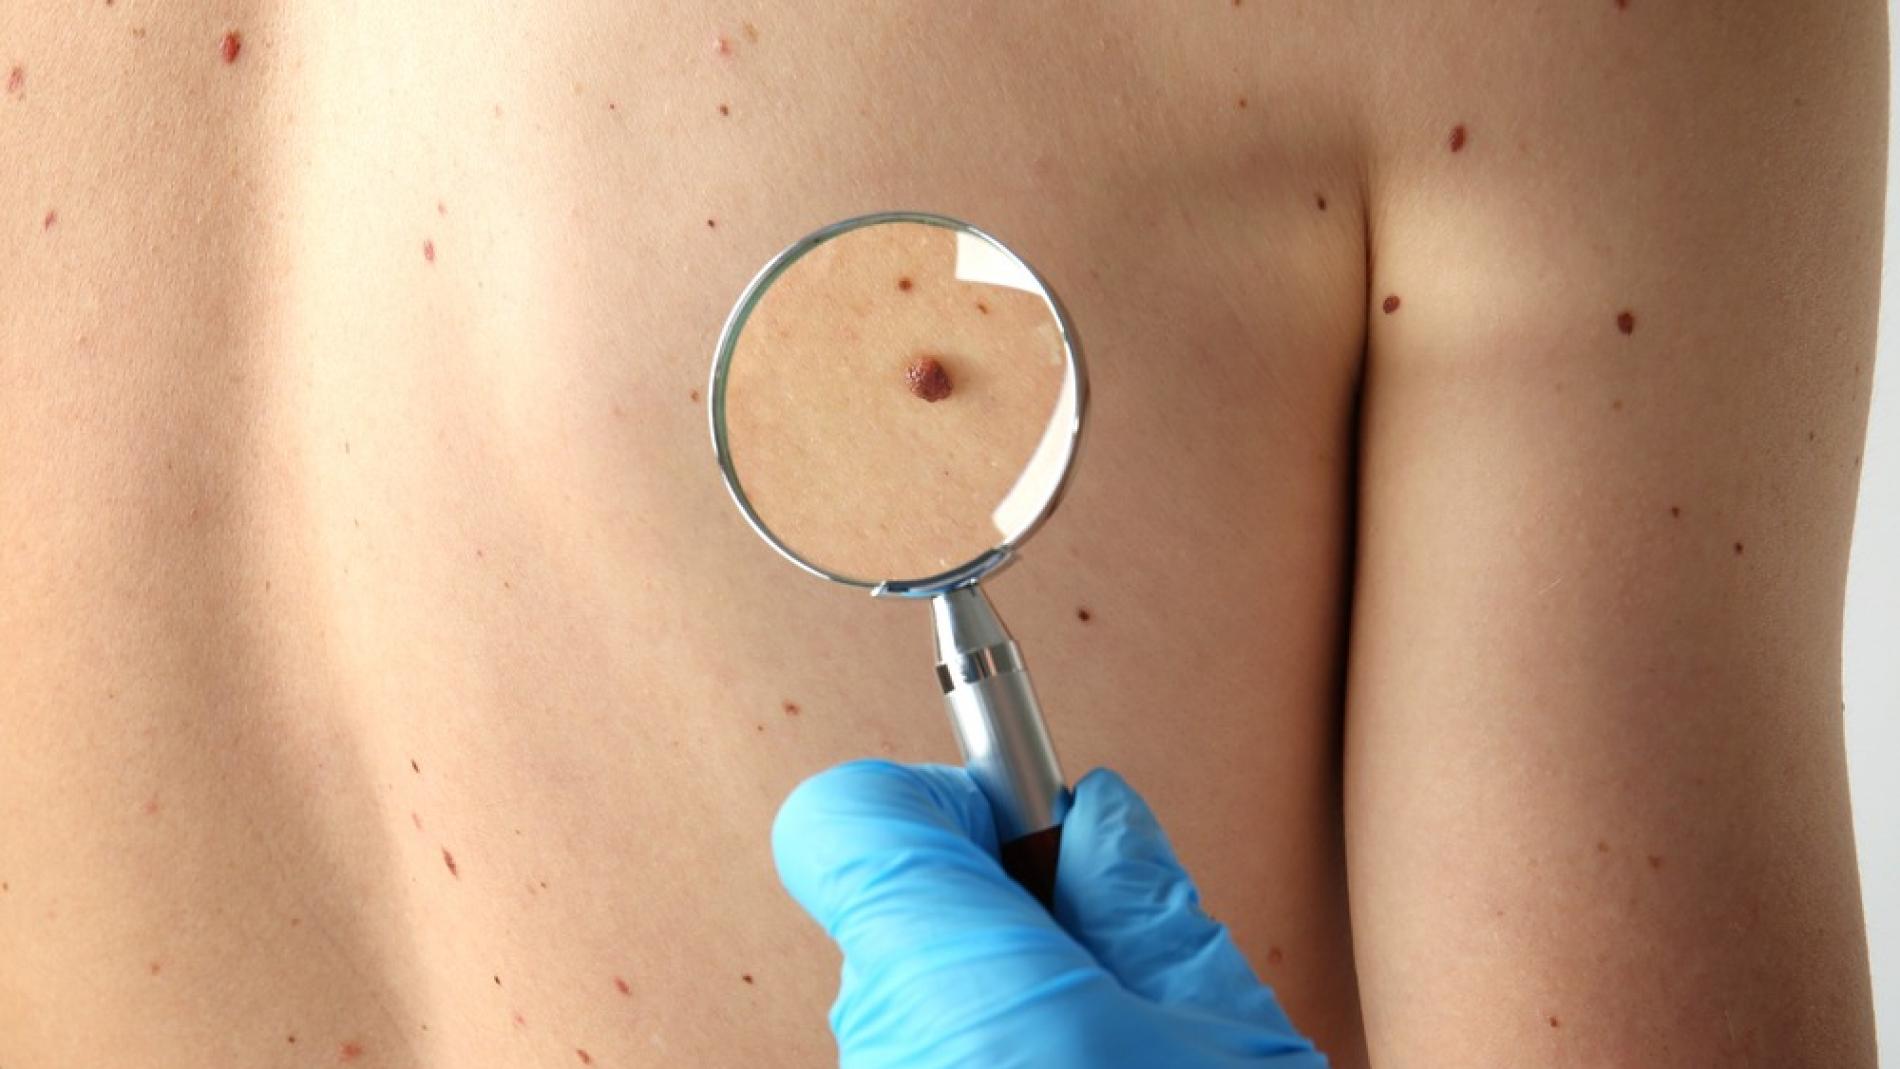 clinica de cirurgia plastica em santos dra ana lucia lemos manchas ou pinta na pele